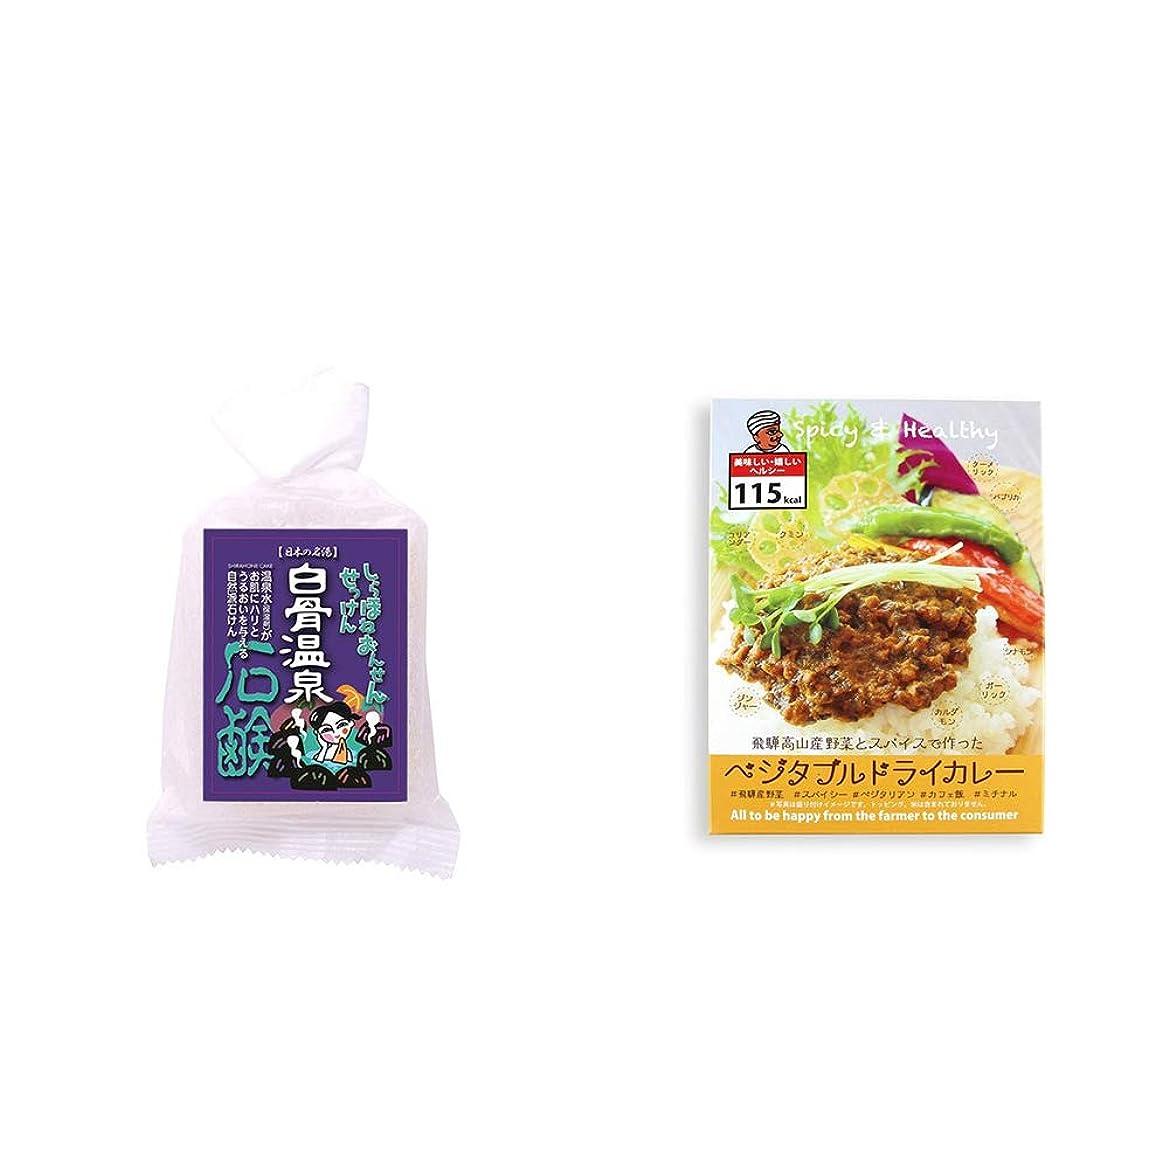 キャメル幸福便益[2点セット] 信州 白骨温泉石鹸(80g)?飛騨産野菜とスパイスで作ったベジタブルドライカレー(100g)